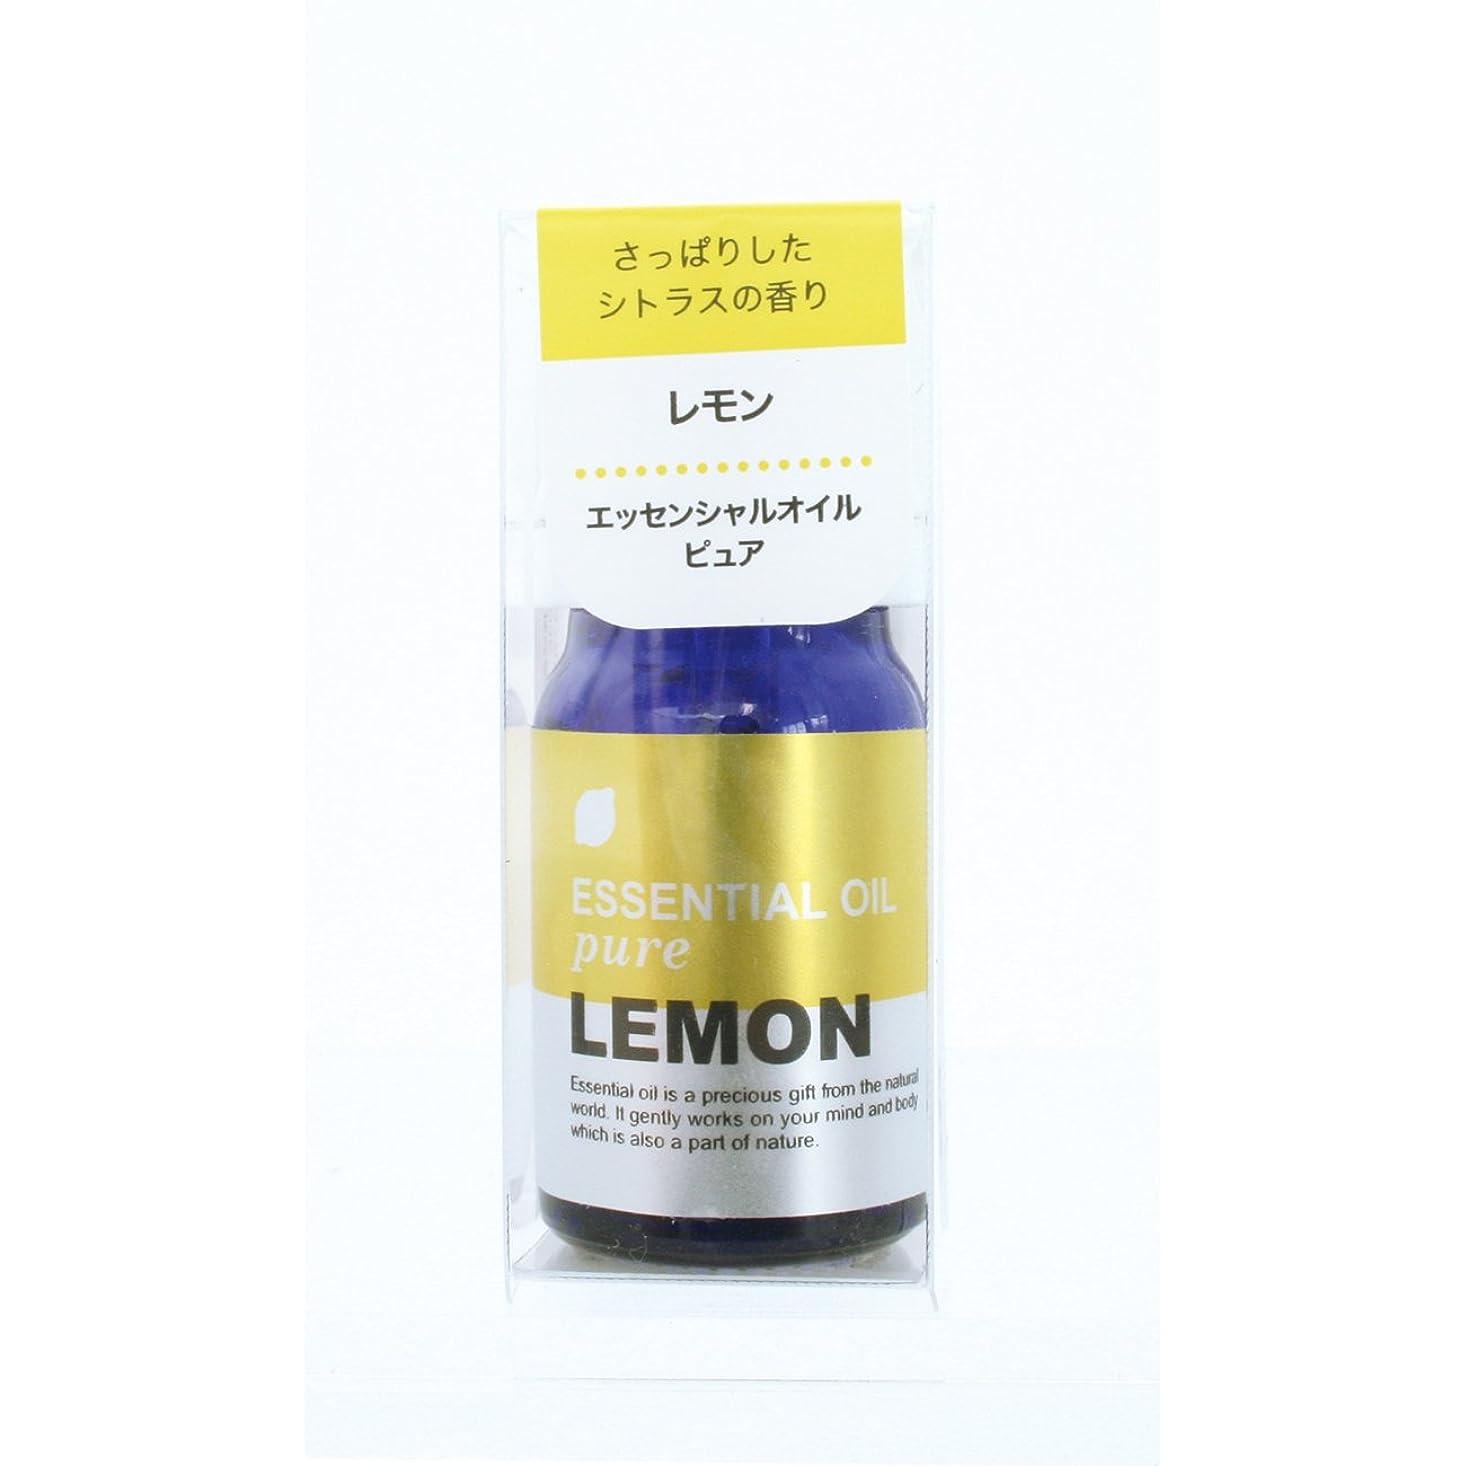 ミュウミュウ流す細分化するプチエッセンシャルオイル レモン